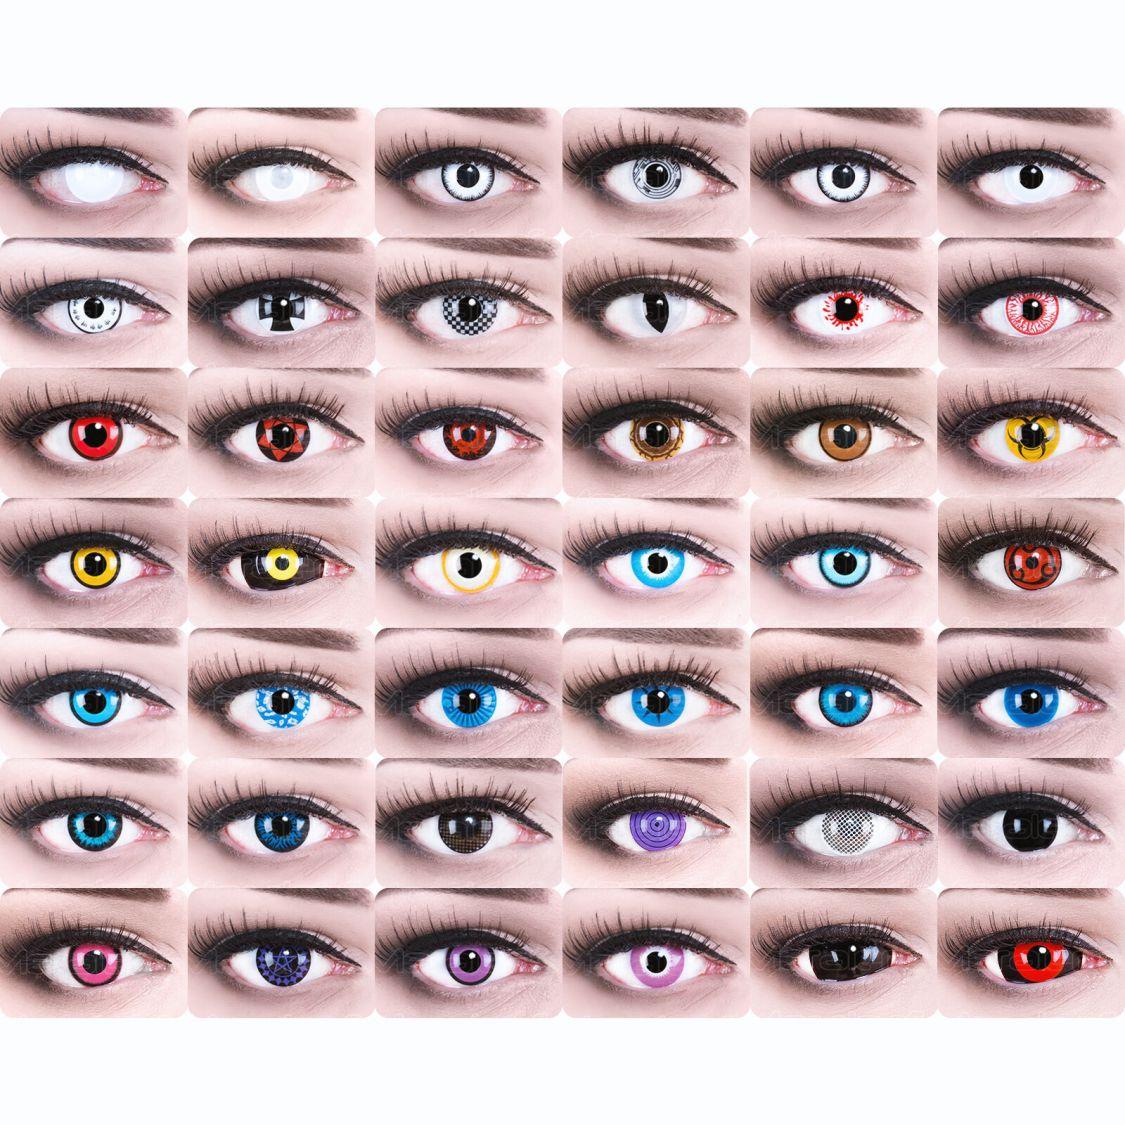 Farbige Kontaktlinsen  crazy Fasching  Zombie Dämonen Halloween ohne Stärke FUN